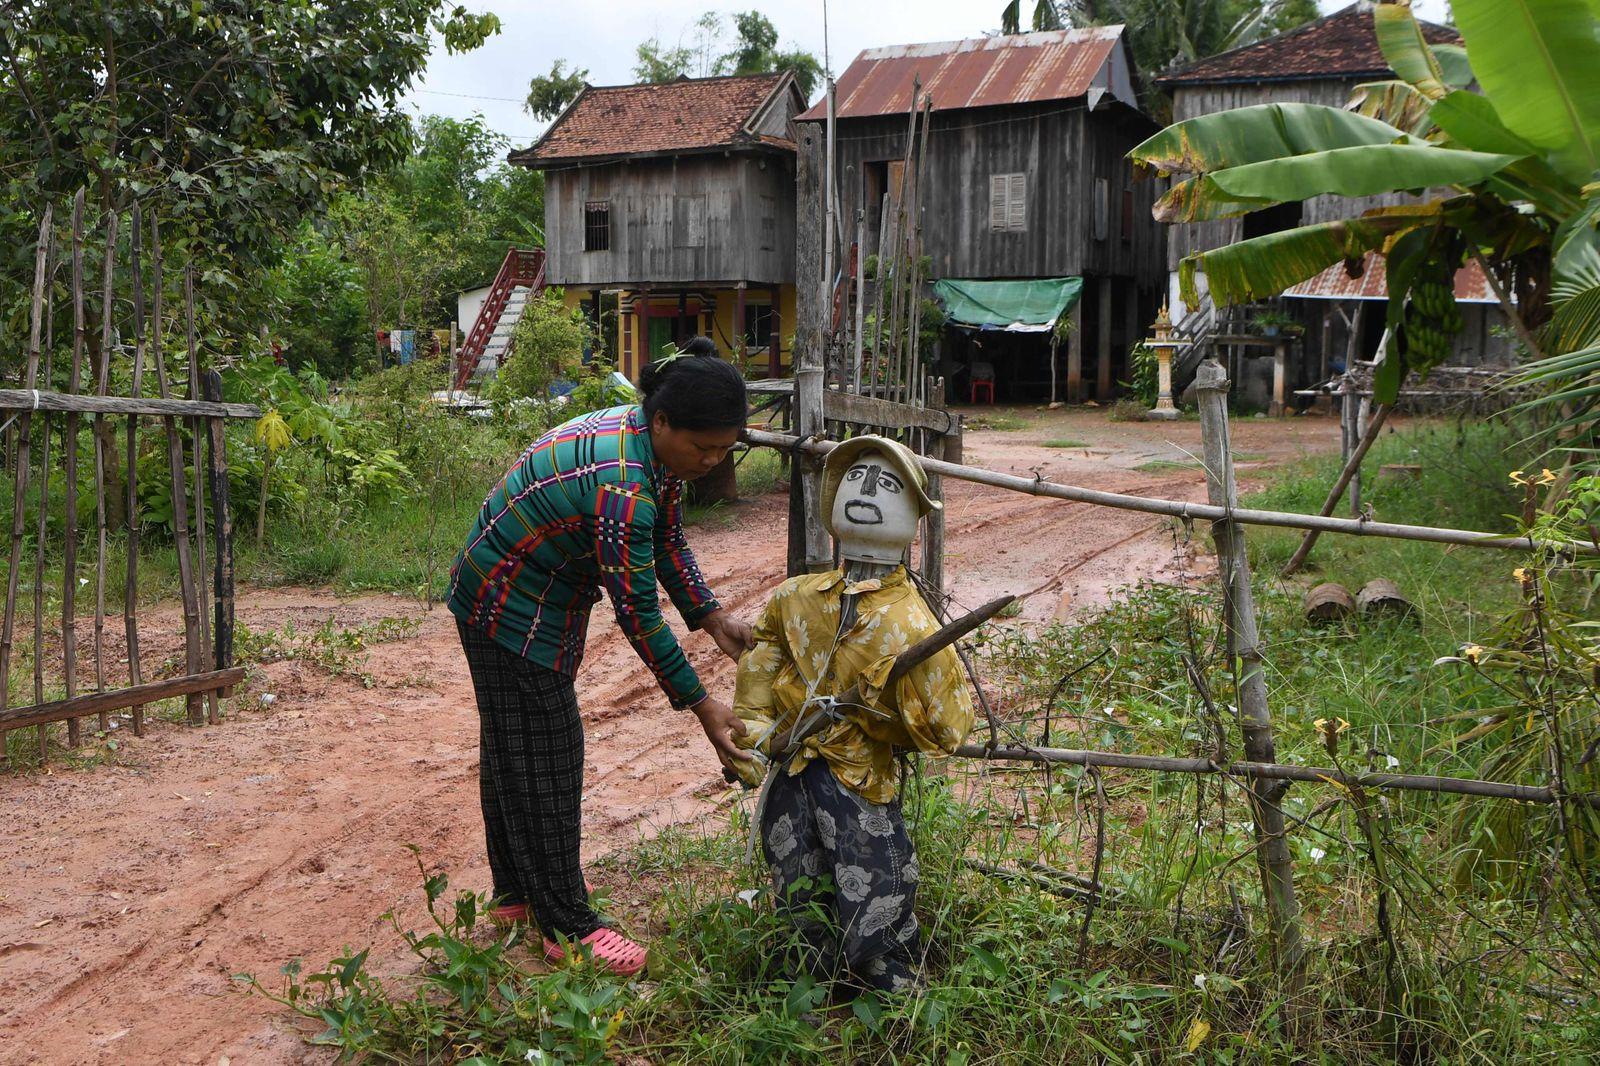 CAMBODIA-HEALTH-VIRUS-LIFESTYLE-CULTURE